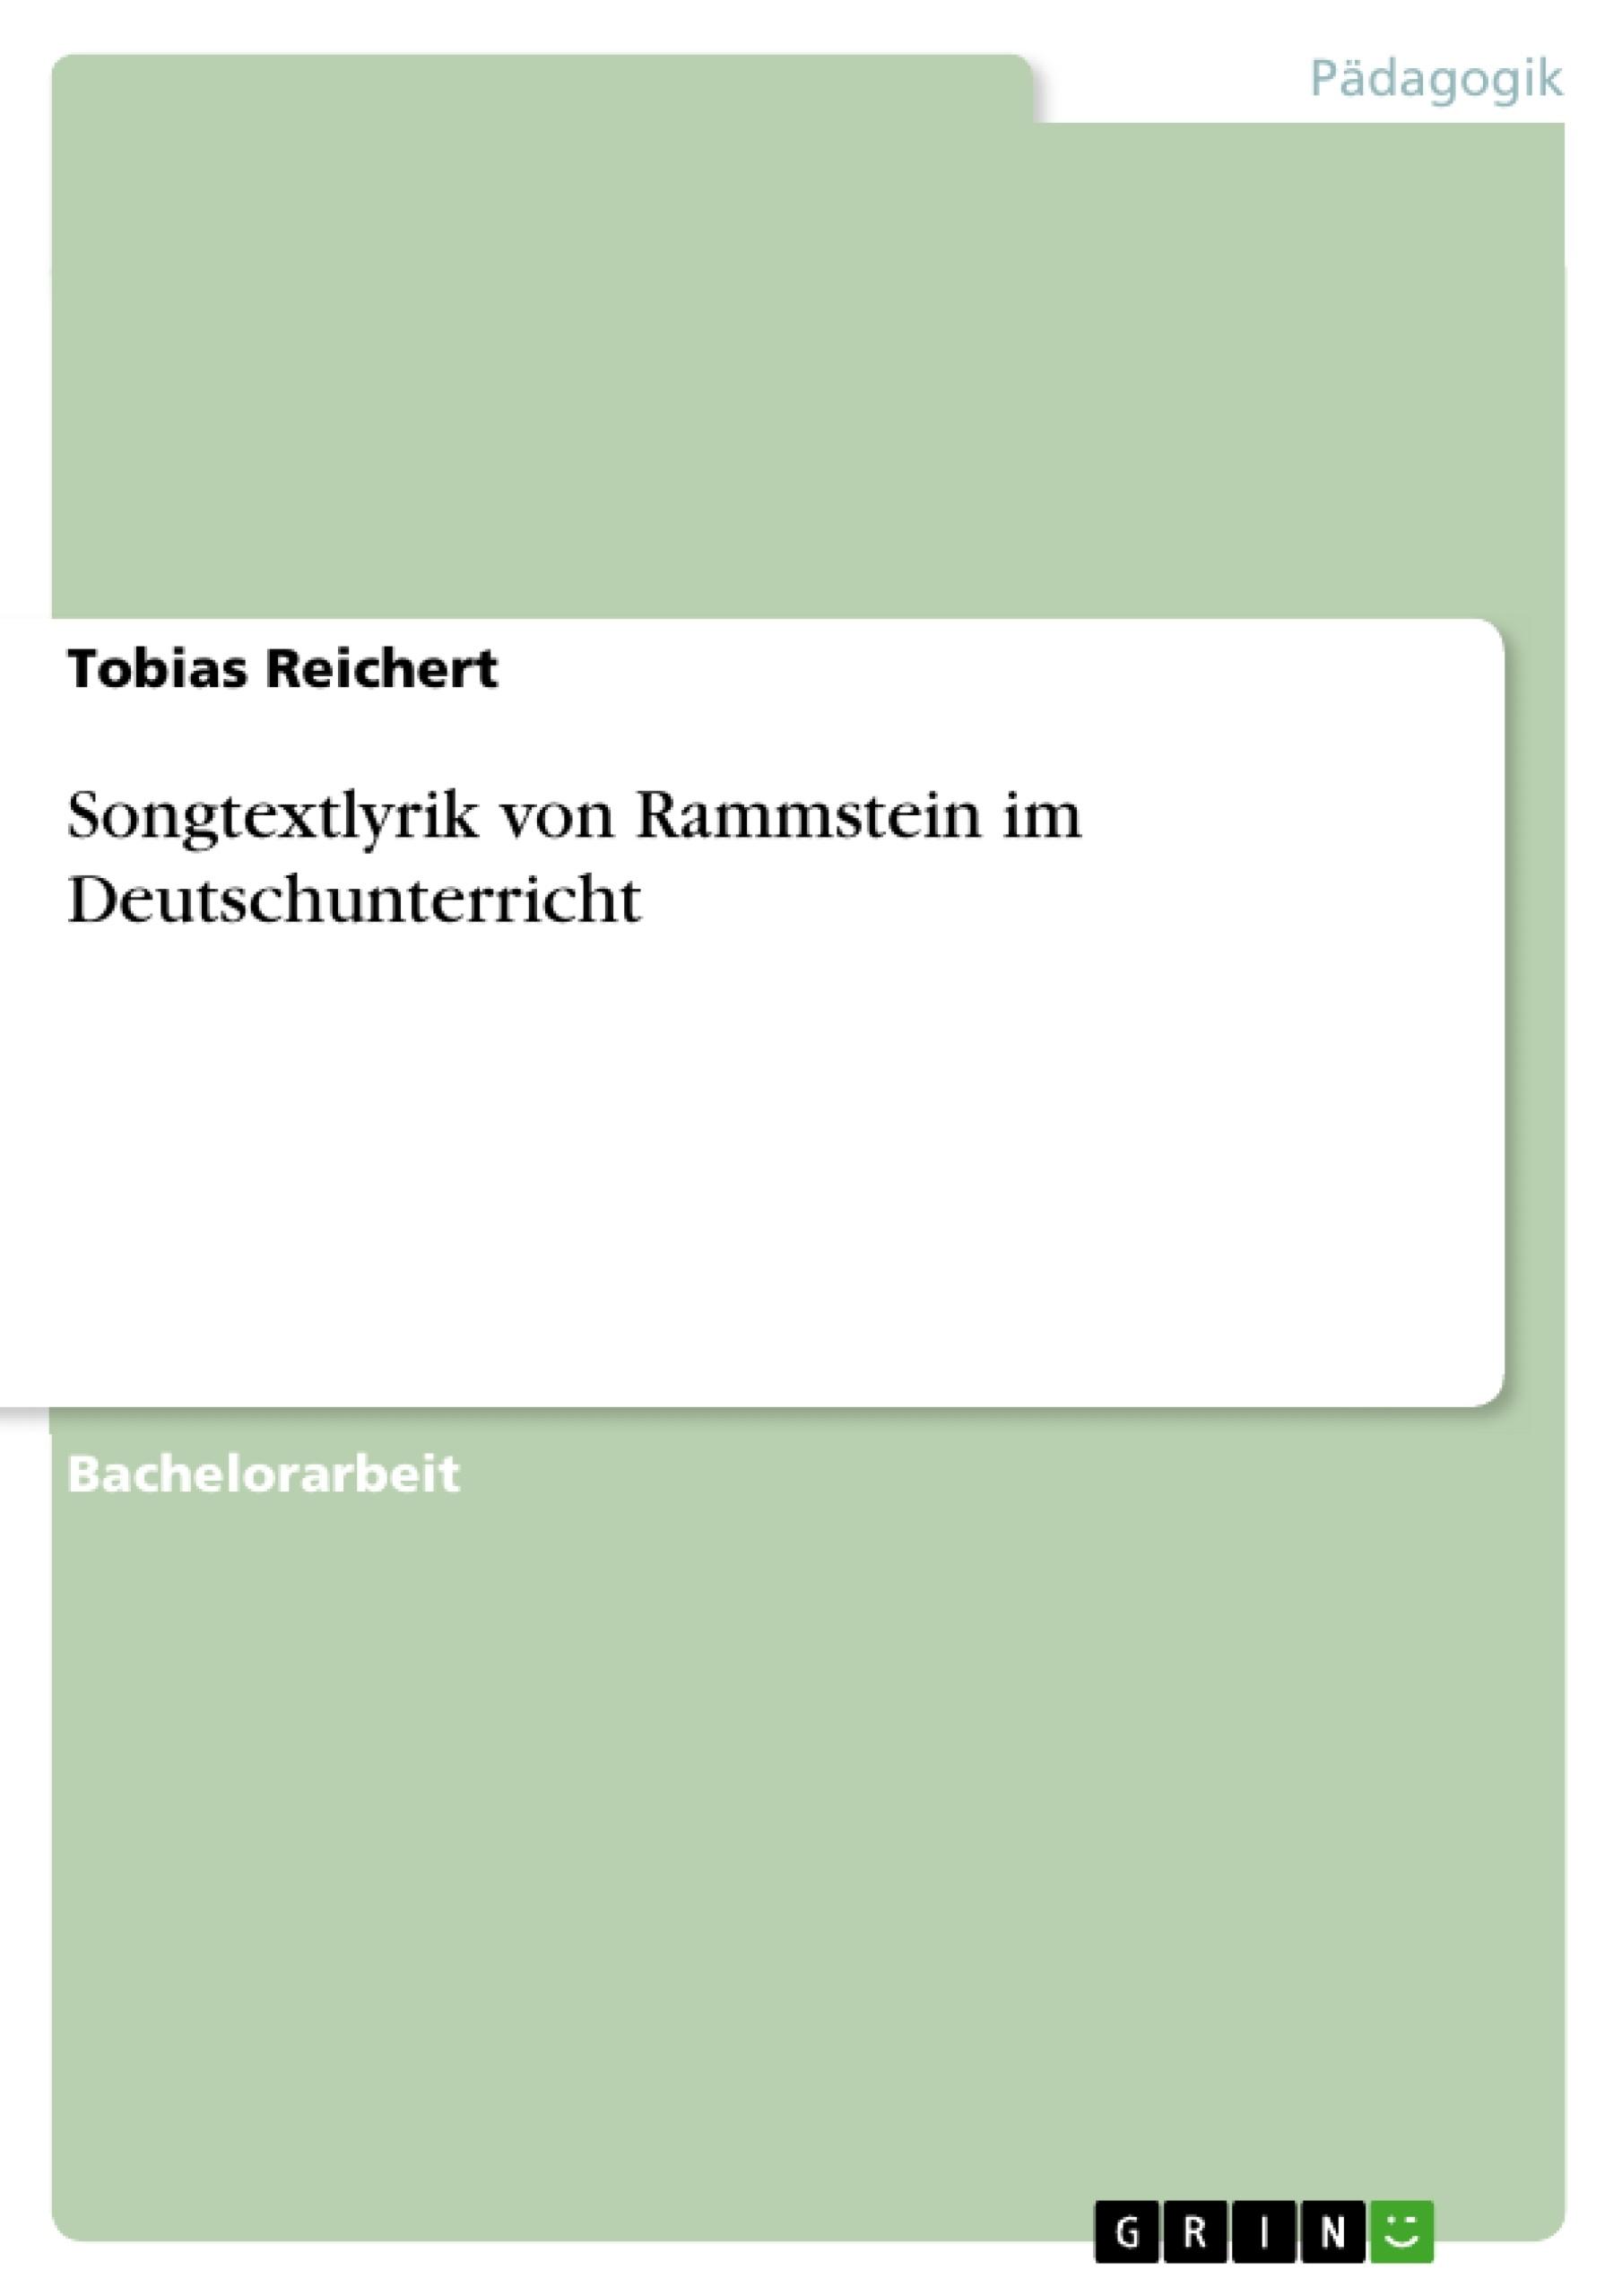 Titel: Songtextlyrik von Rammstein im Deutschunterricht